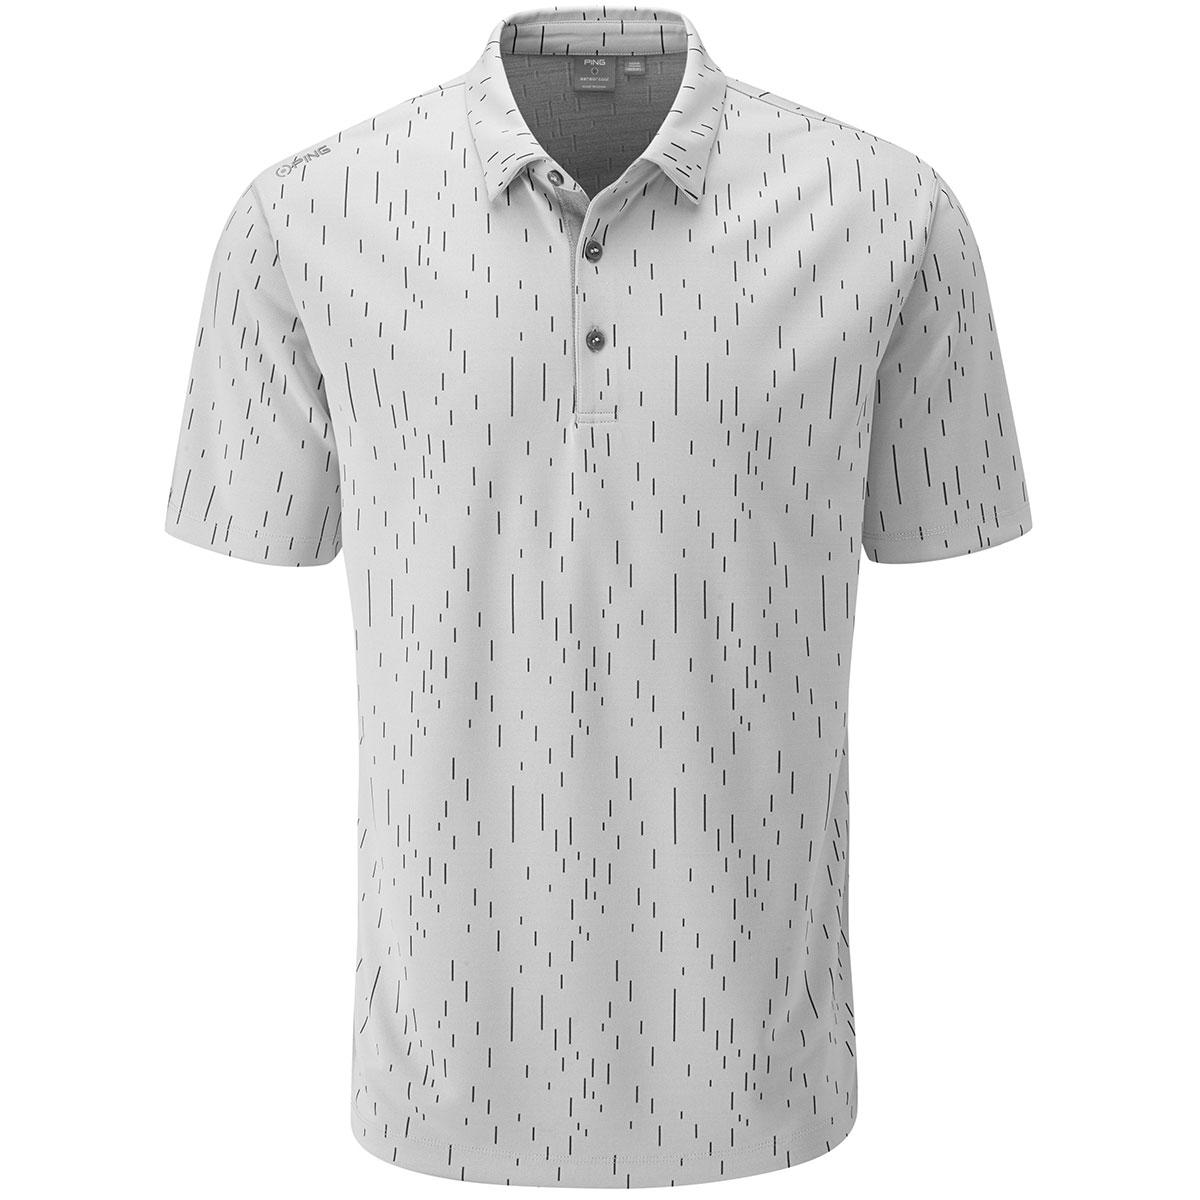 リニアジャカード 半袖ポロシャツ